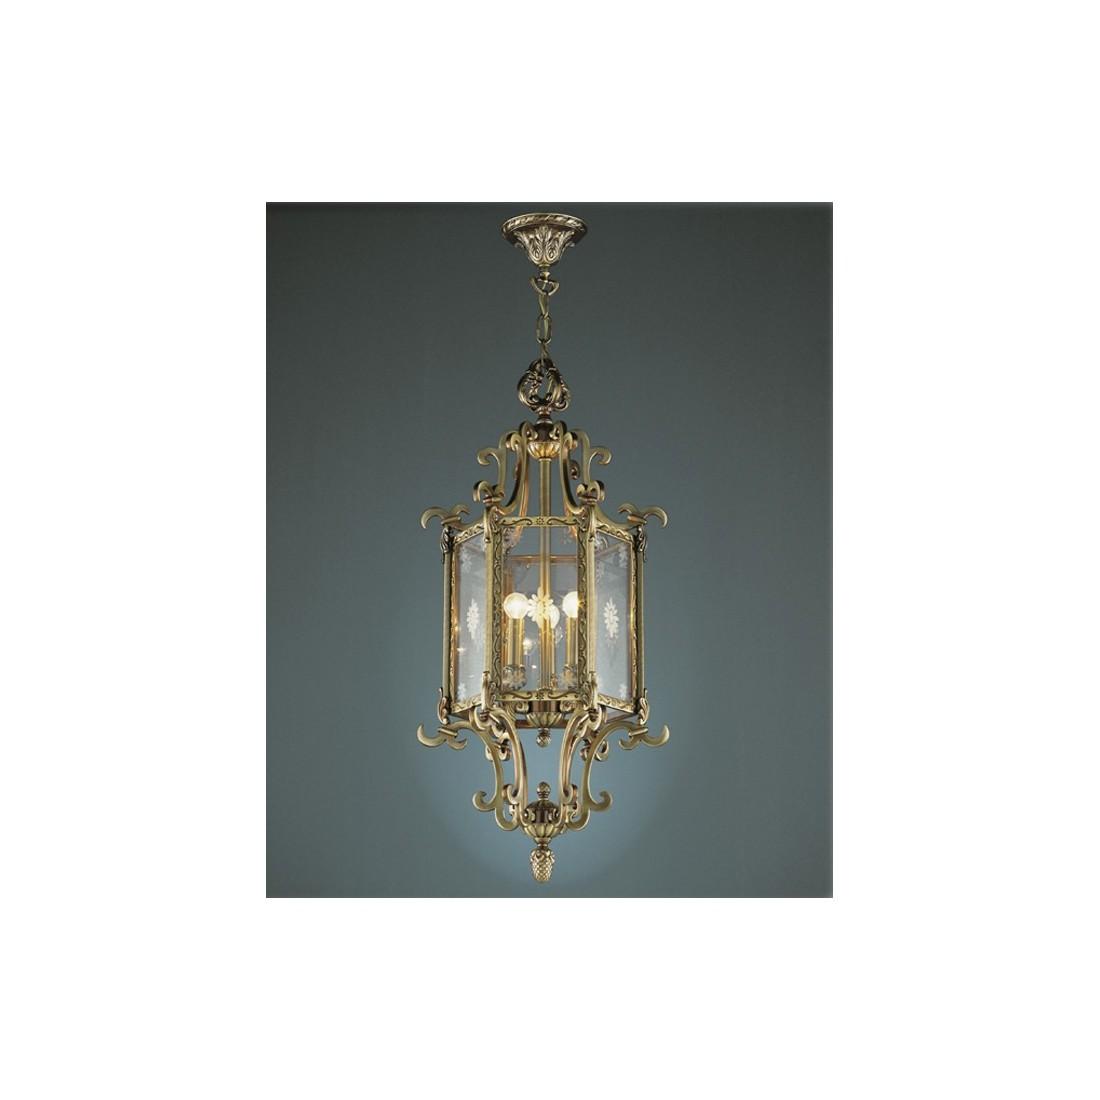 Semiplaf n tulipa de cristal pintada env o r pido - Lamparas para techos bajos ...